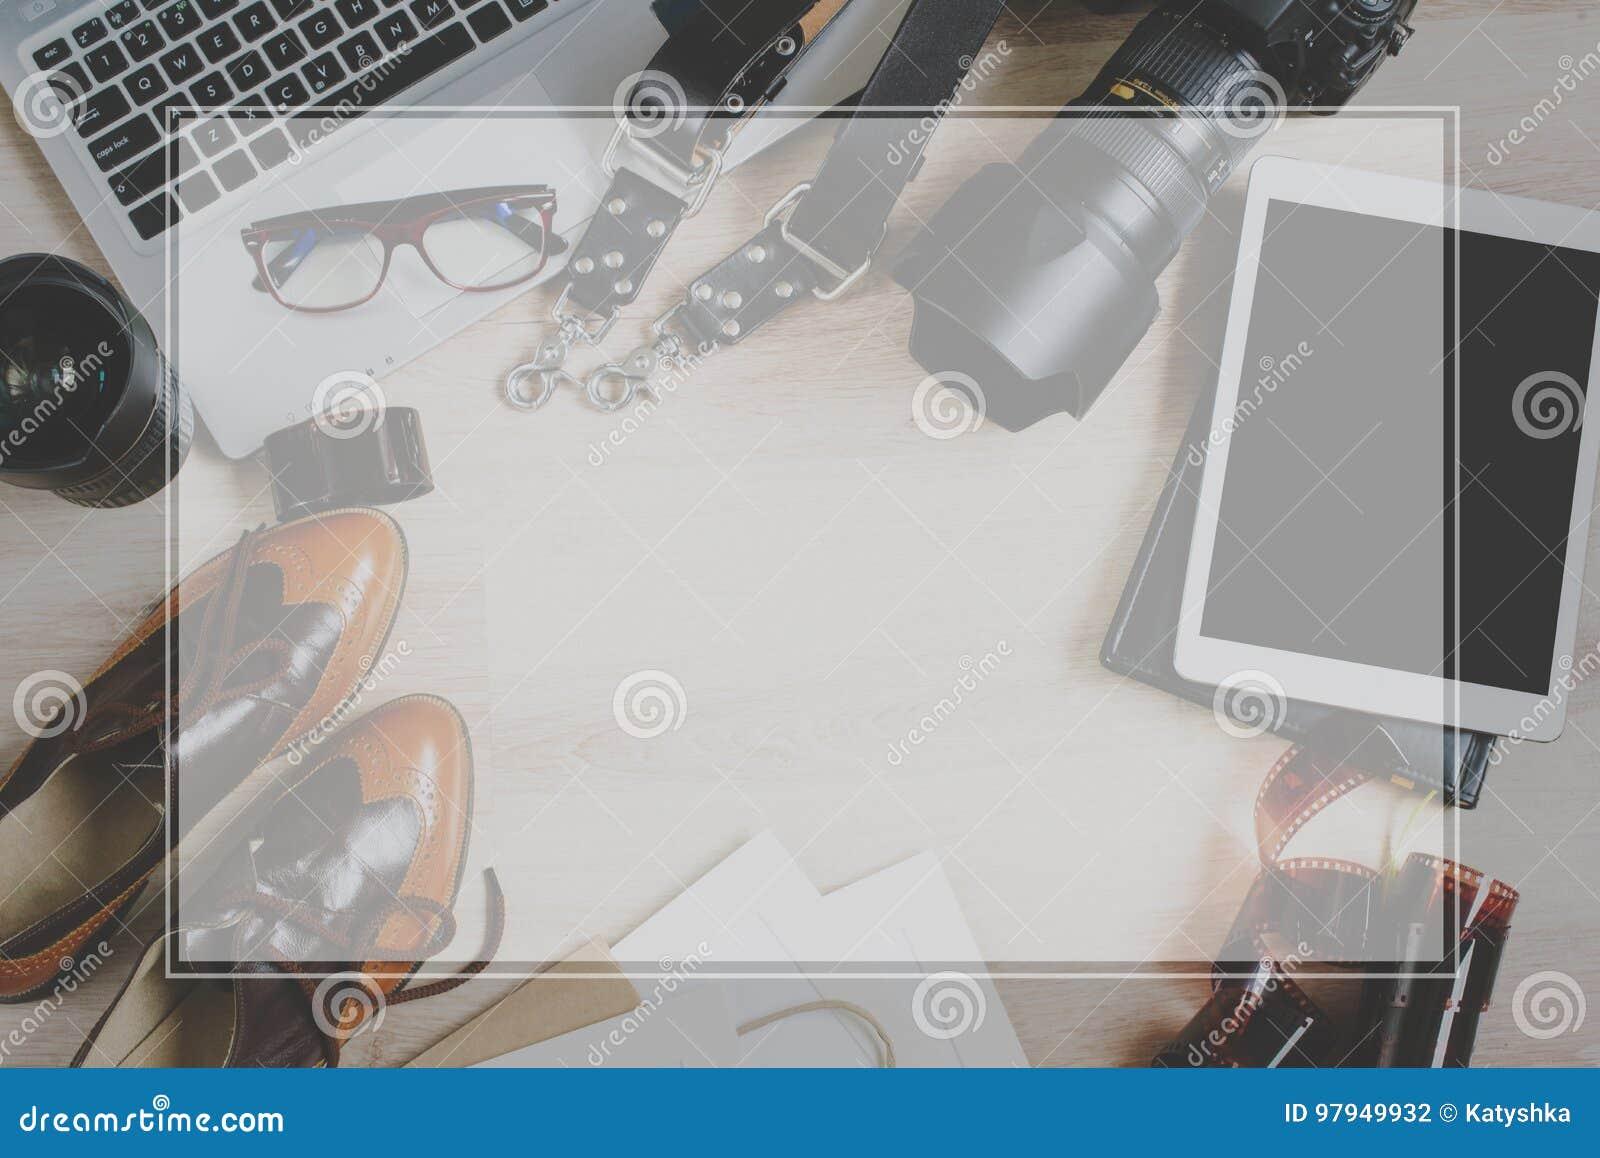 Verblassen Die Rahmen Fotografiehippie-Arbeitstabelle, Die Mit ...